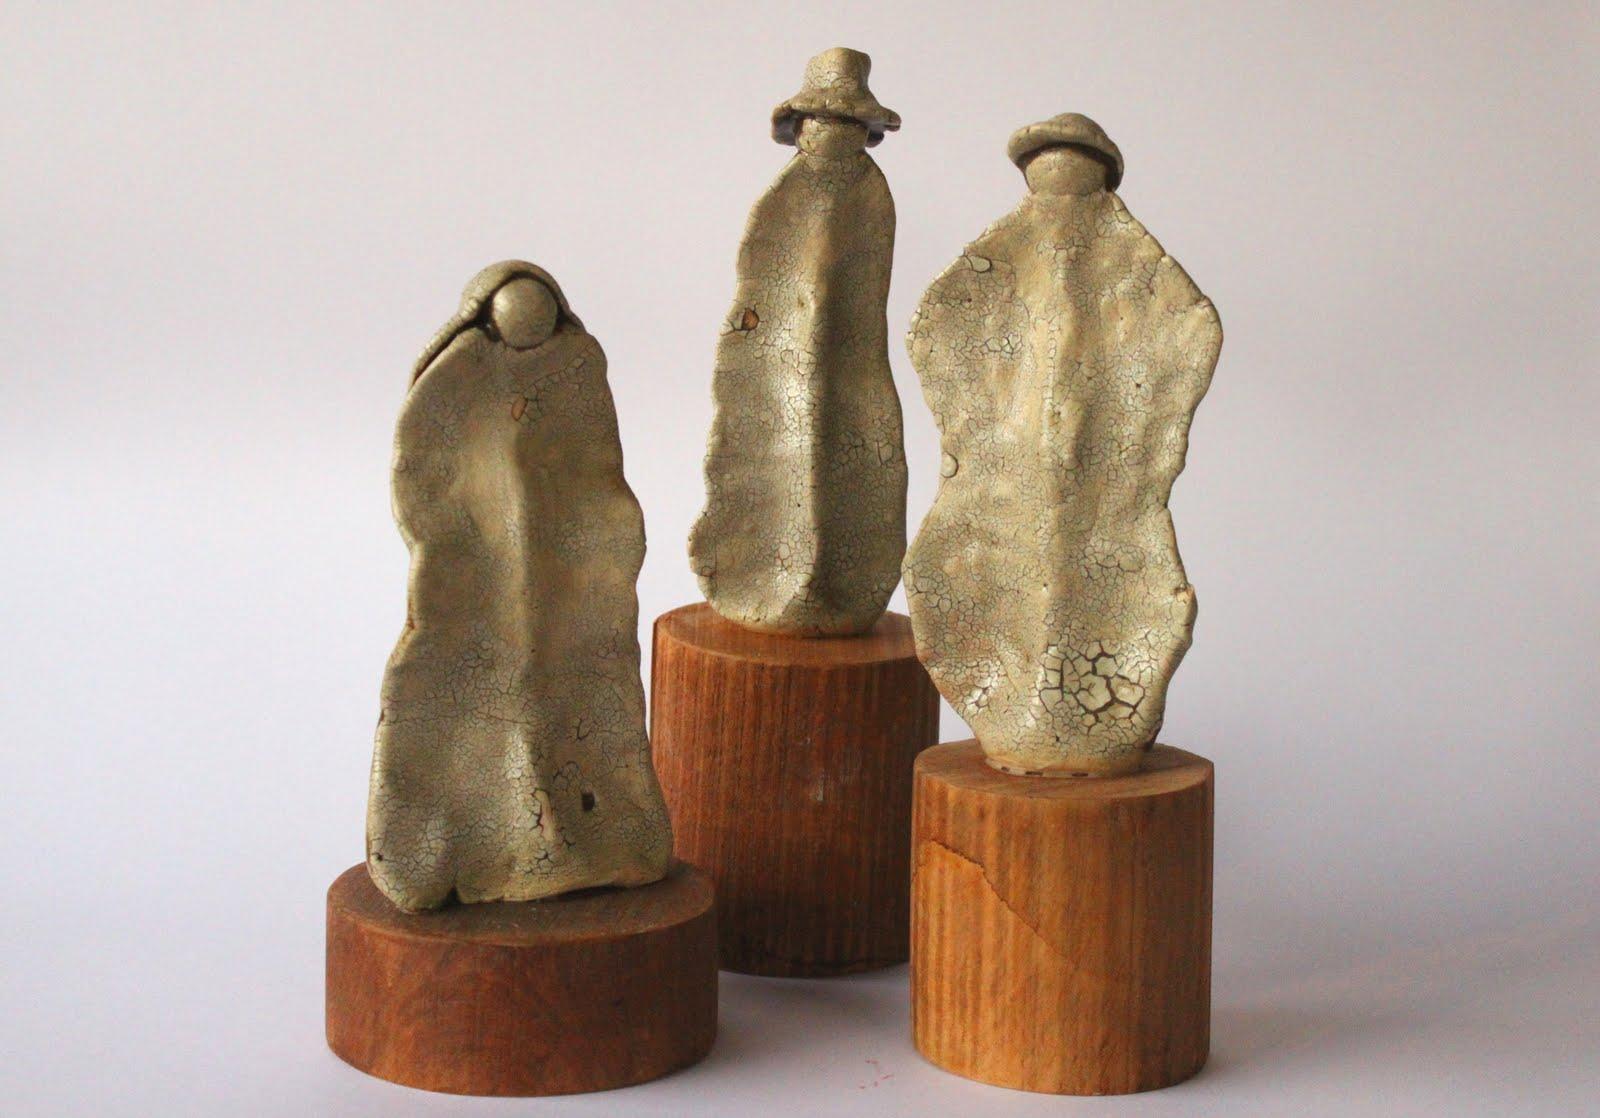 Cer mica y dise o tres margaritas figuras de cer mica for Figuras ceramica